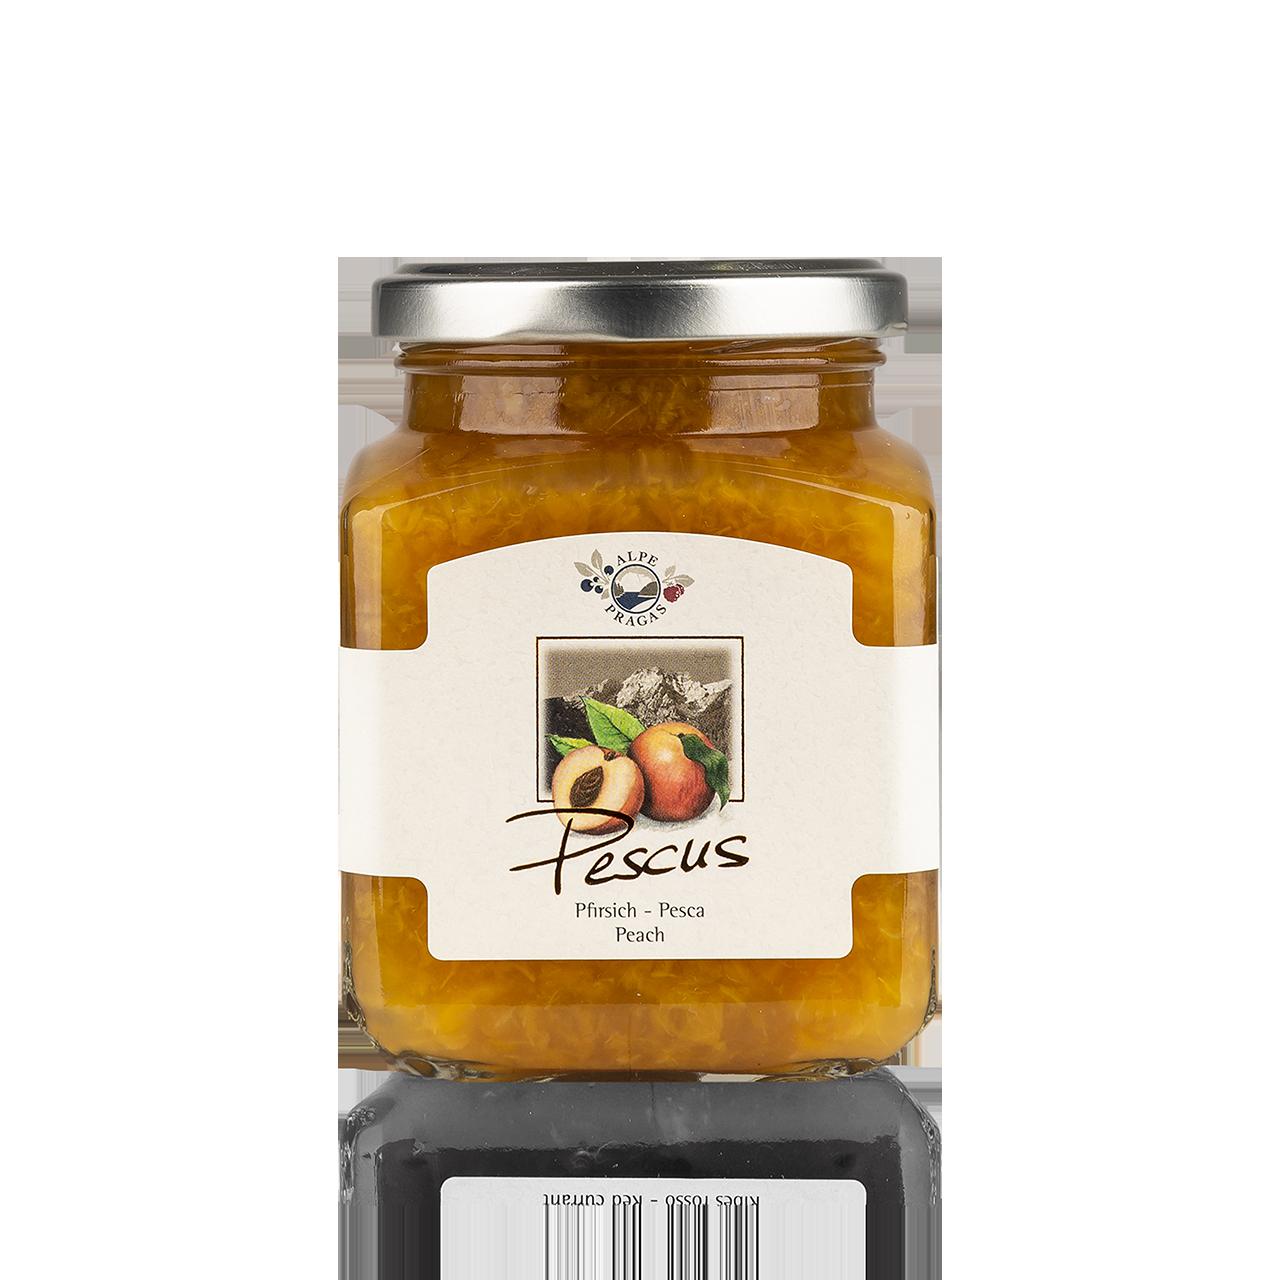 Pescus Fruchtaufstrich Pfirsich 335g - 75% Frucht